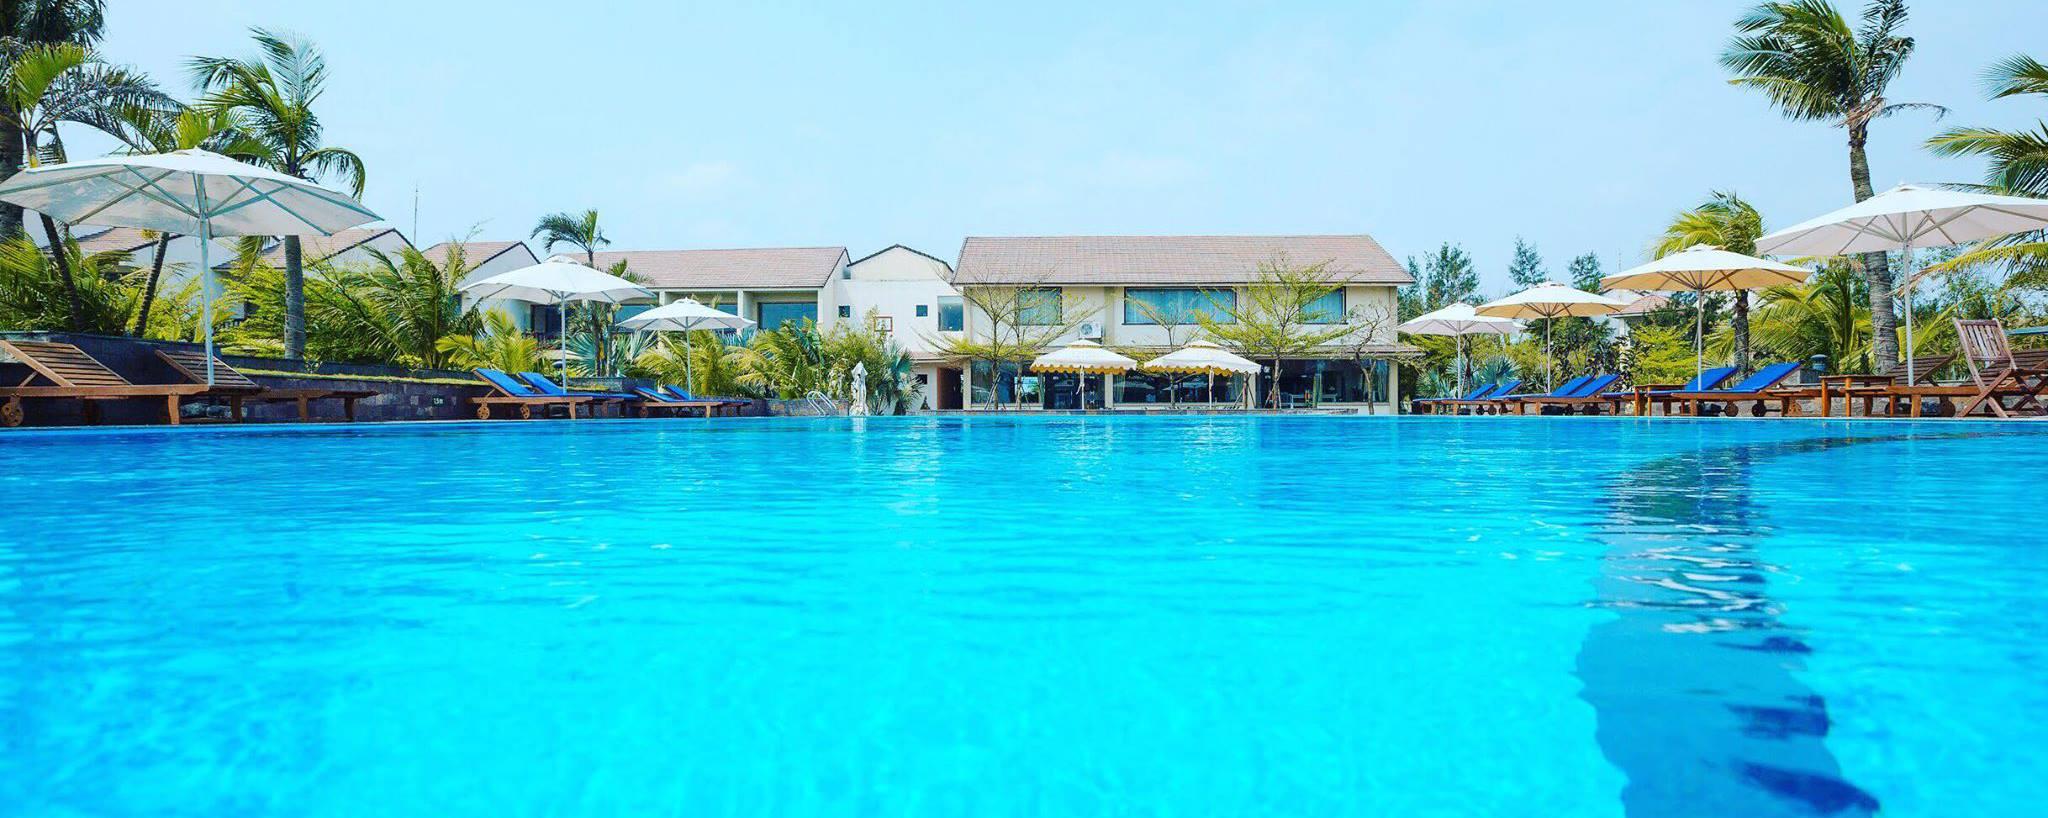 Bảo Ninh Beach Resort - Resort 4 sao bãi biển riêng tại Đồng Hới